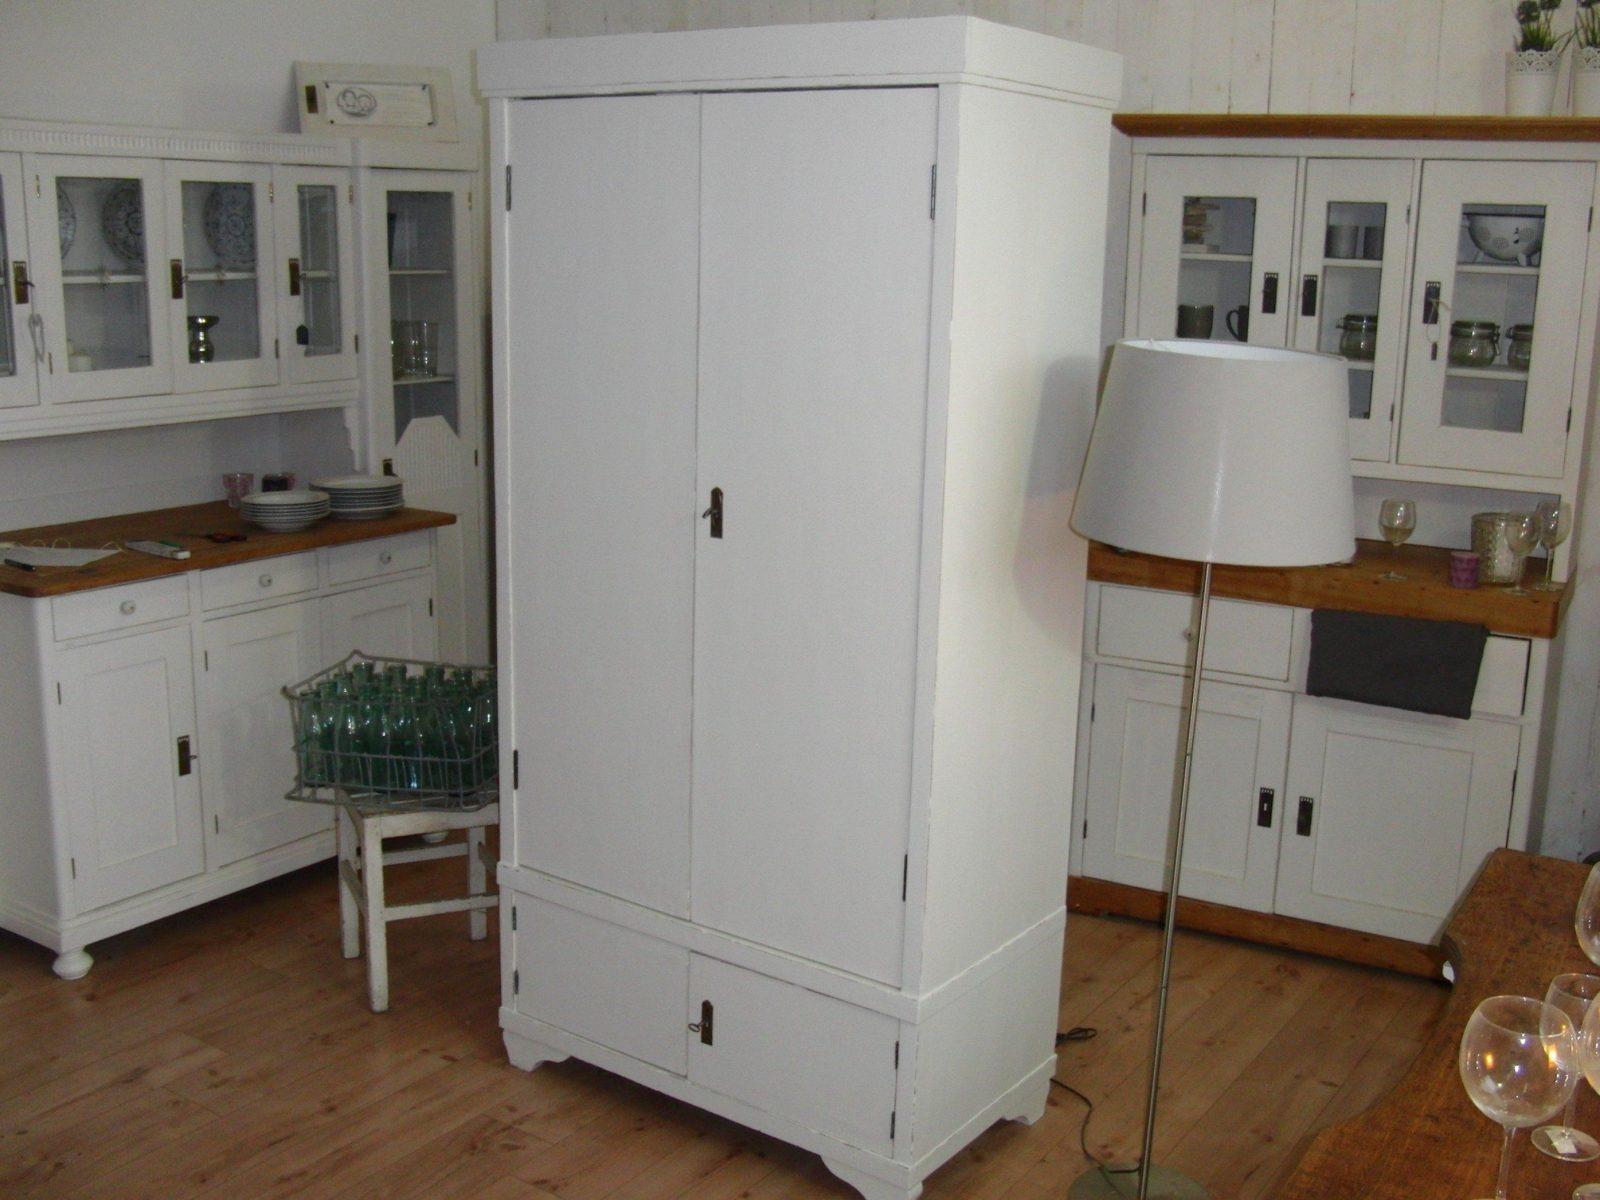 ausgezeichnet schrank neu gestalten ideen fotos die kinderzimmer von schrank neu gestalten ideen. Black Bedroom Furniture Sets. Home Design Ideas